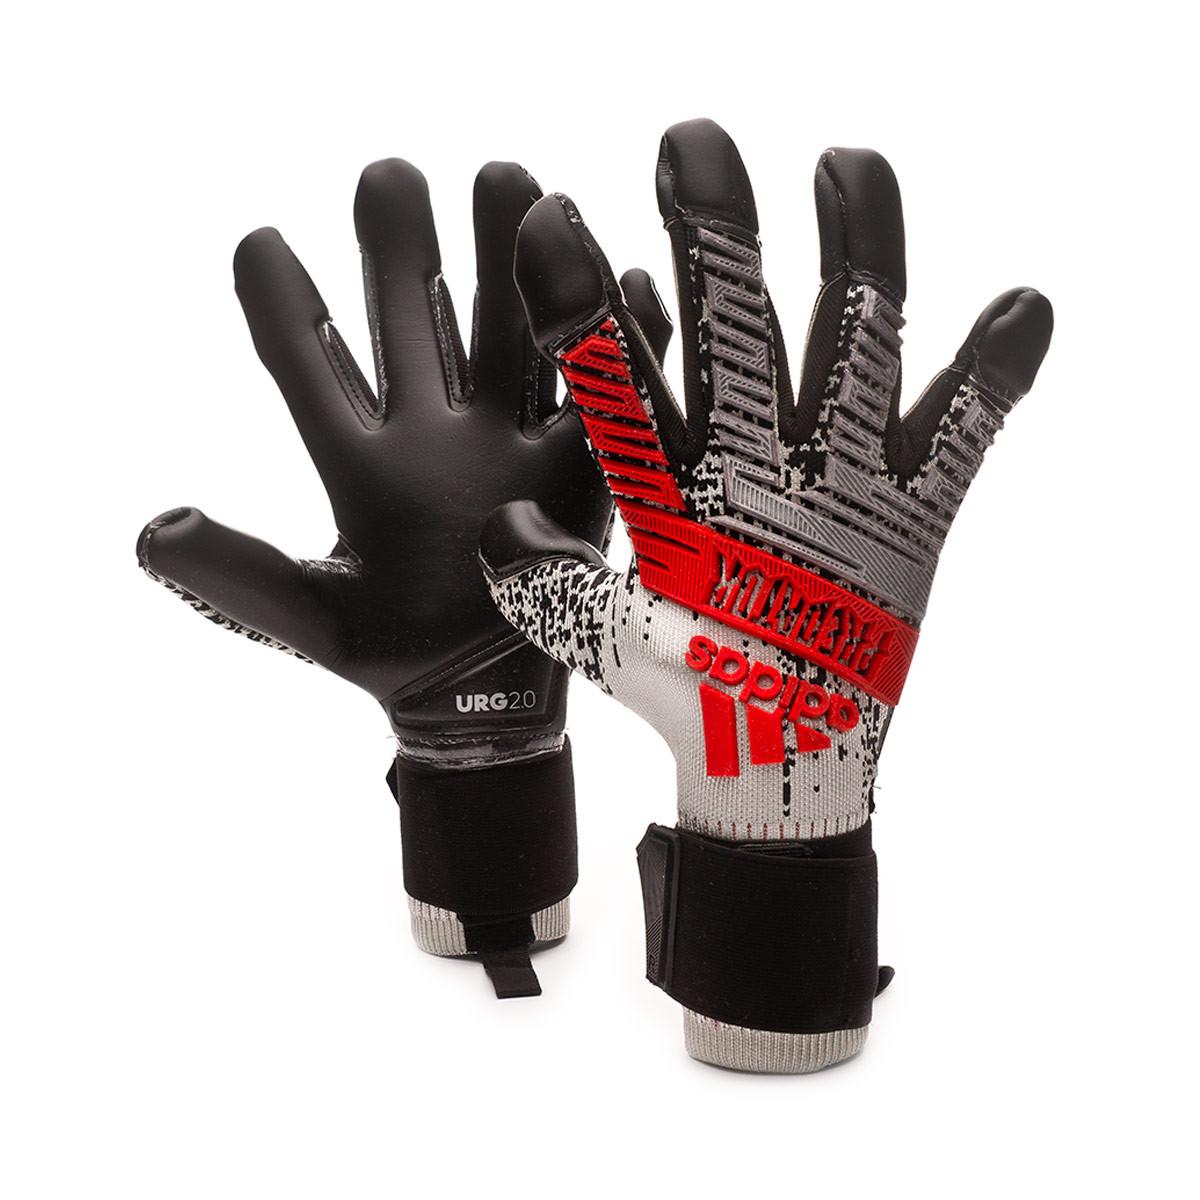 cortar completar desinfectante  Guante de portero adidas Predator Pro Hybrid Silver metallic-Black-Hi-Res  red - Tienda de fútbol Fútbol Emotion